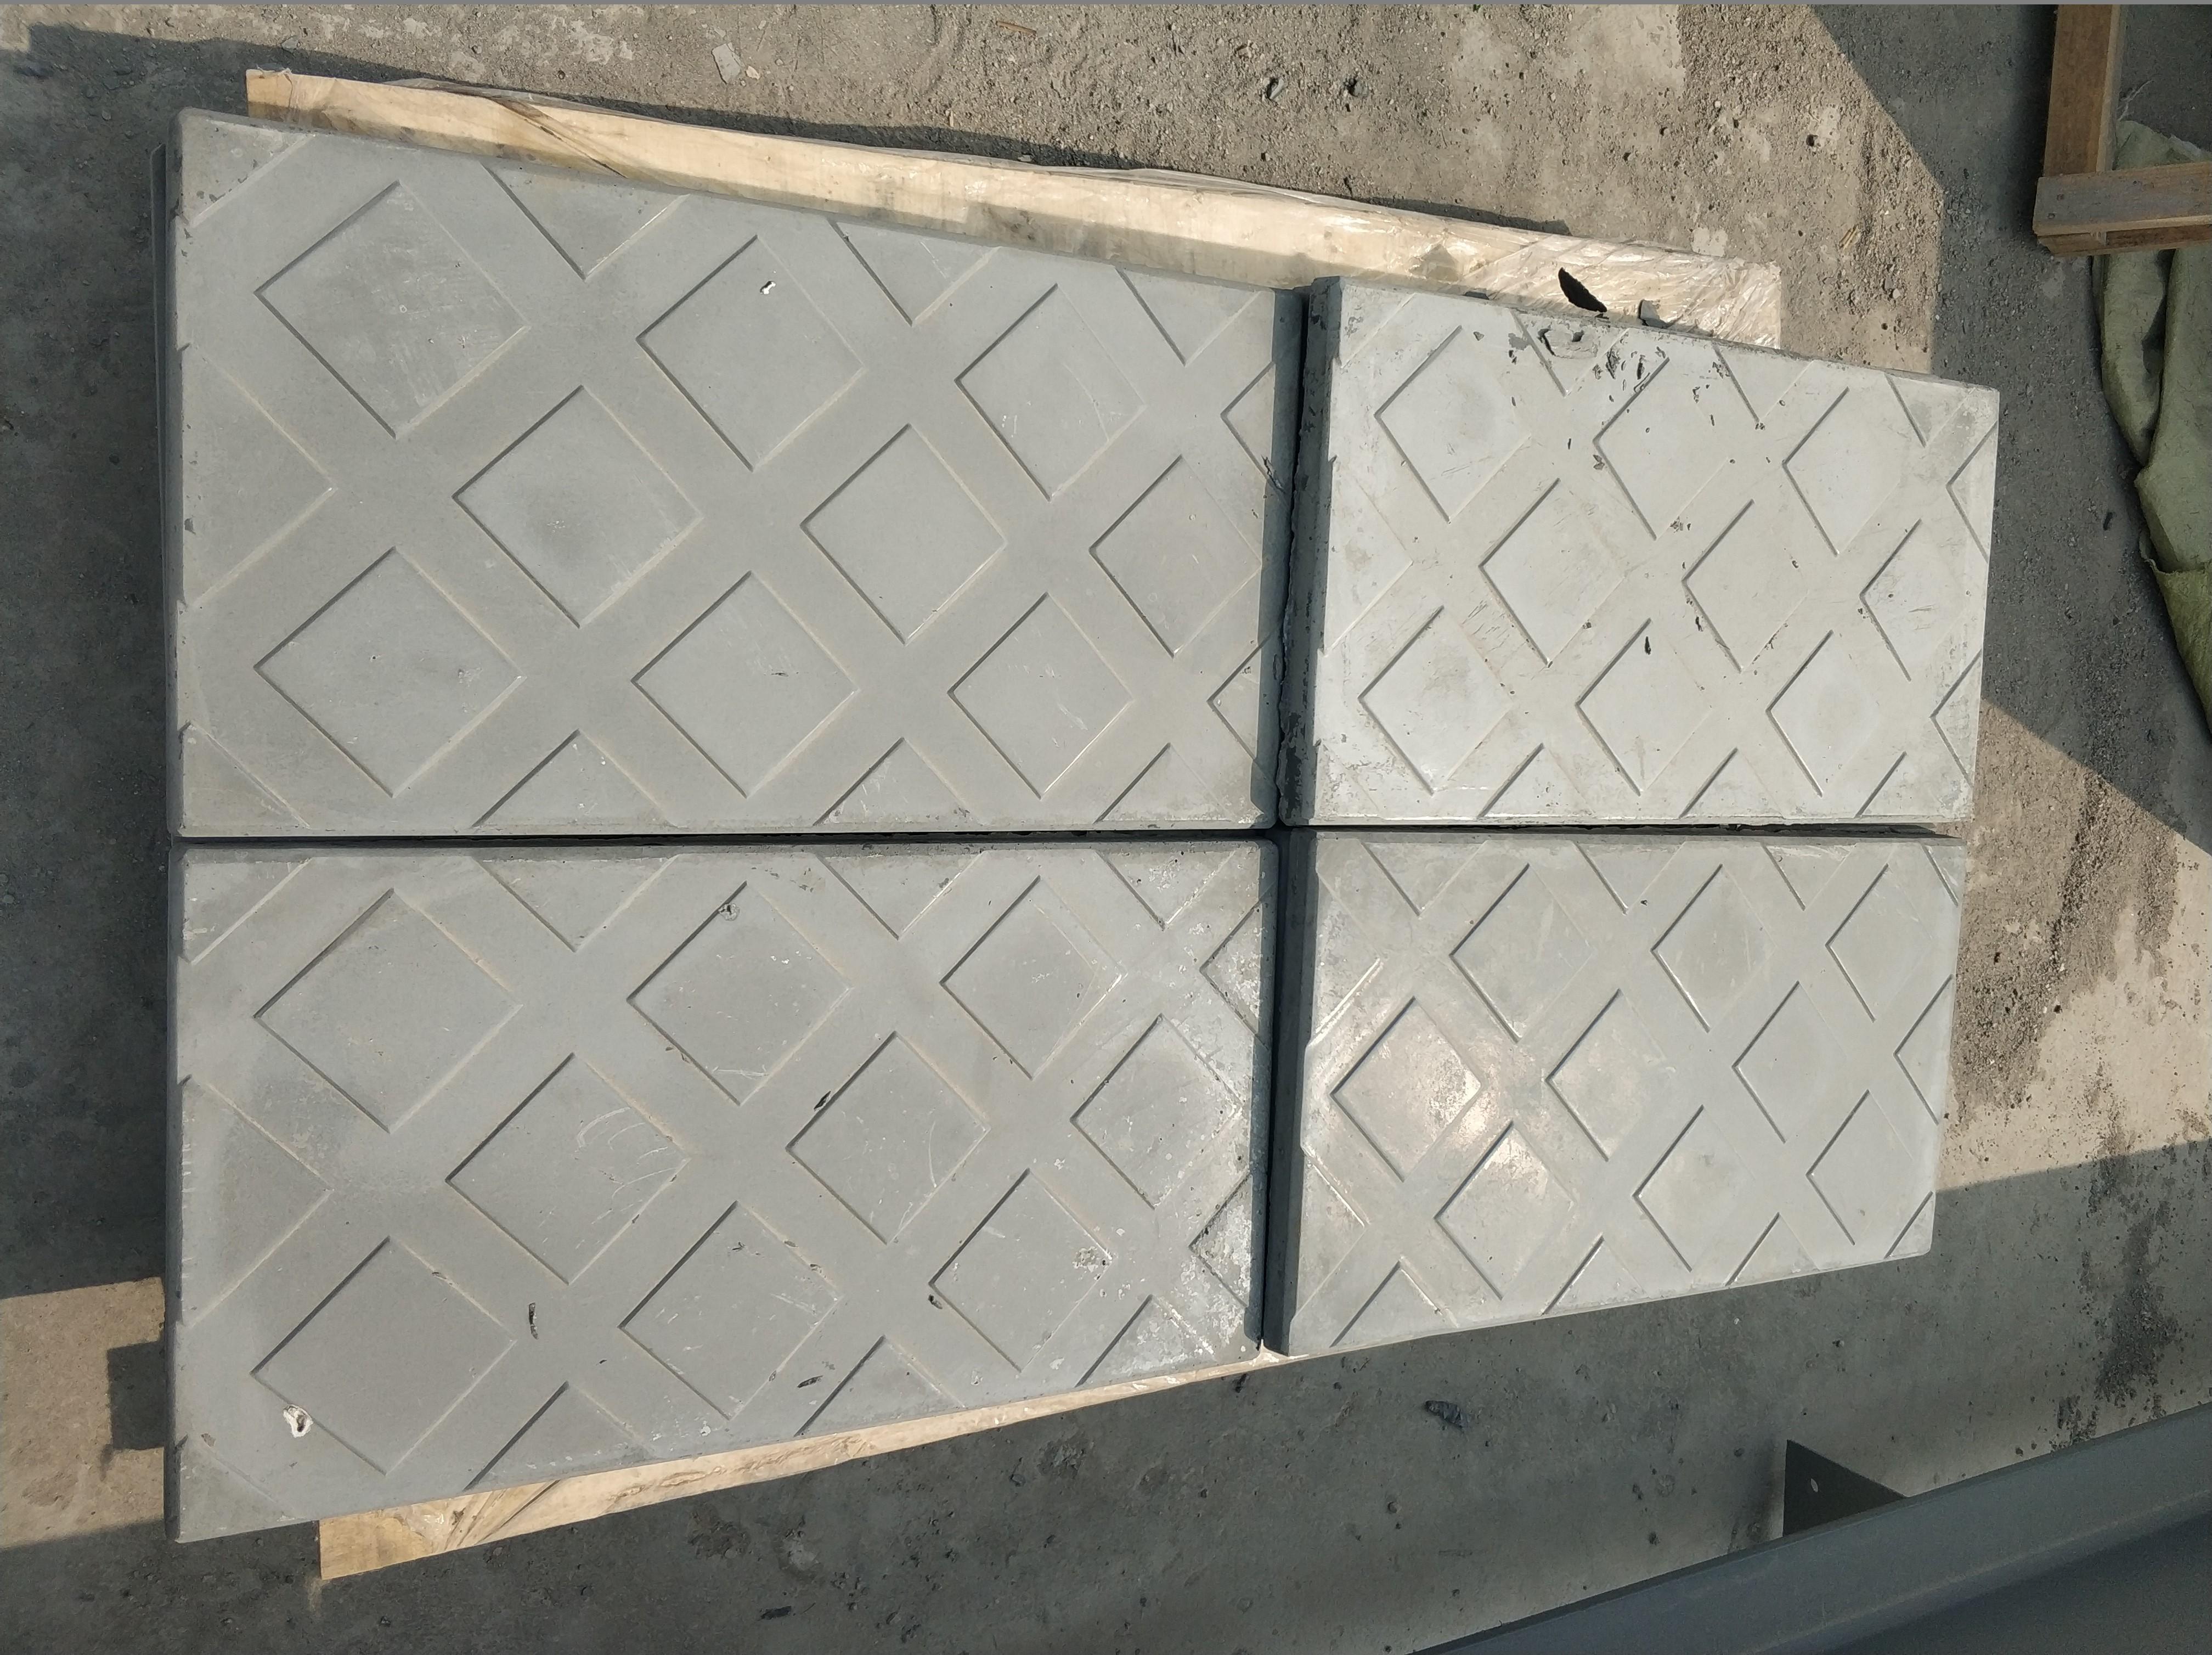 安装复合电缆沟盖板时的注意事项